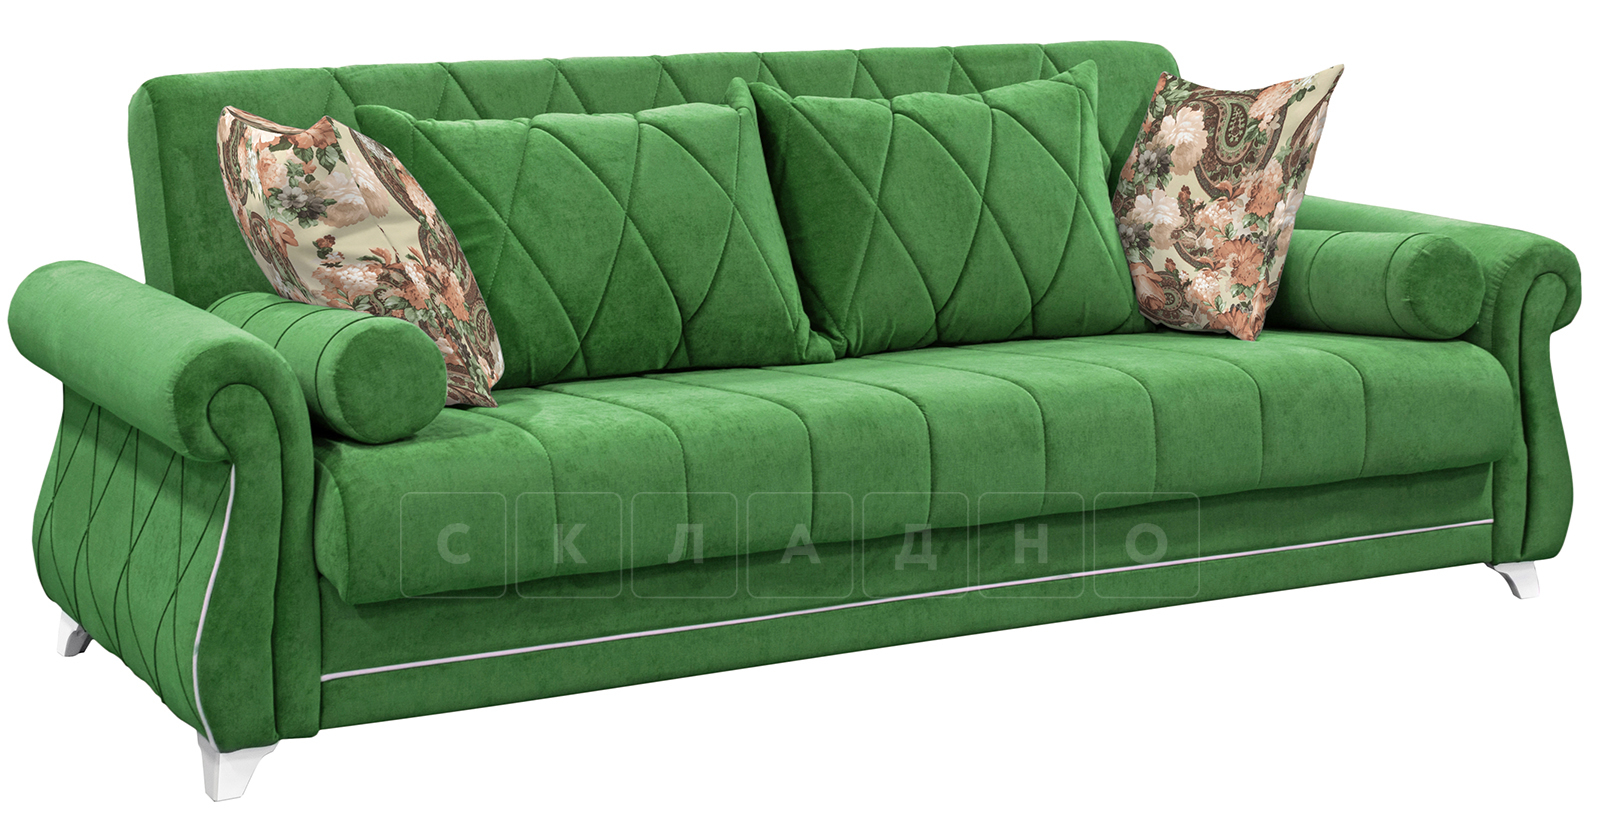 Диван-кровать Роза хвойный зеленый фото 1   интернет-магазин Складно